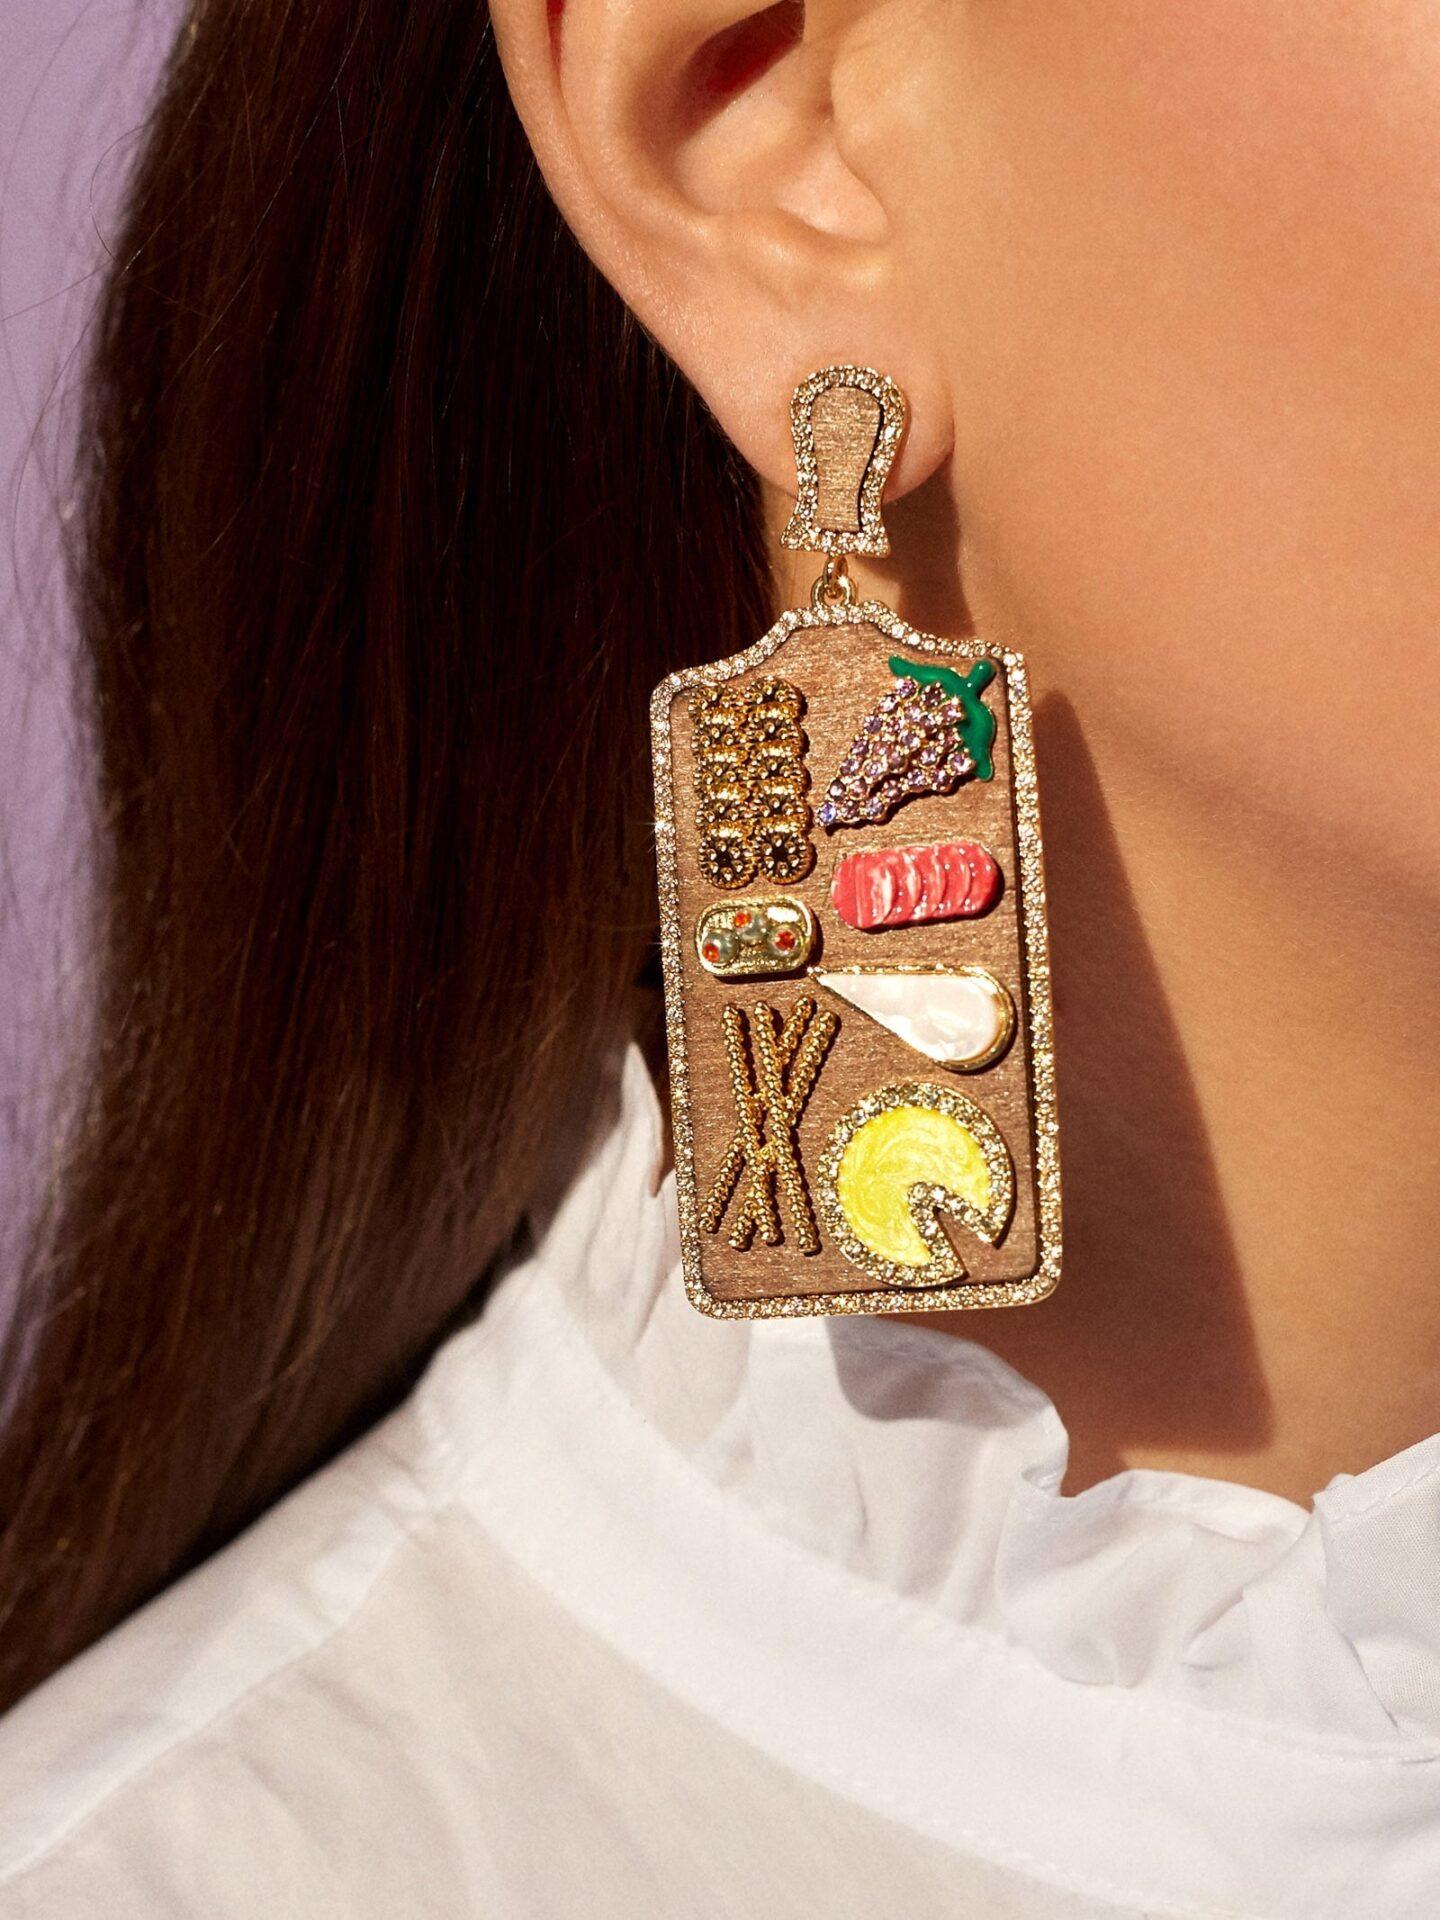 woman wearing food themed earrings